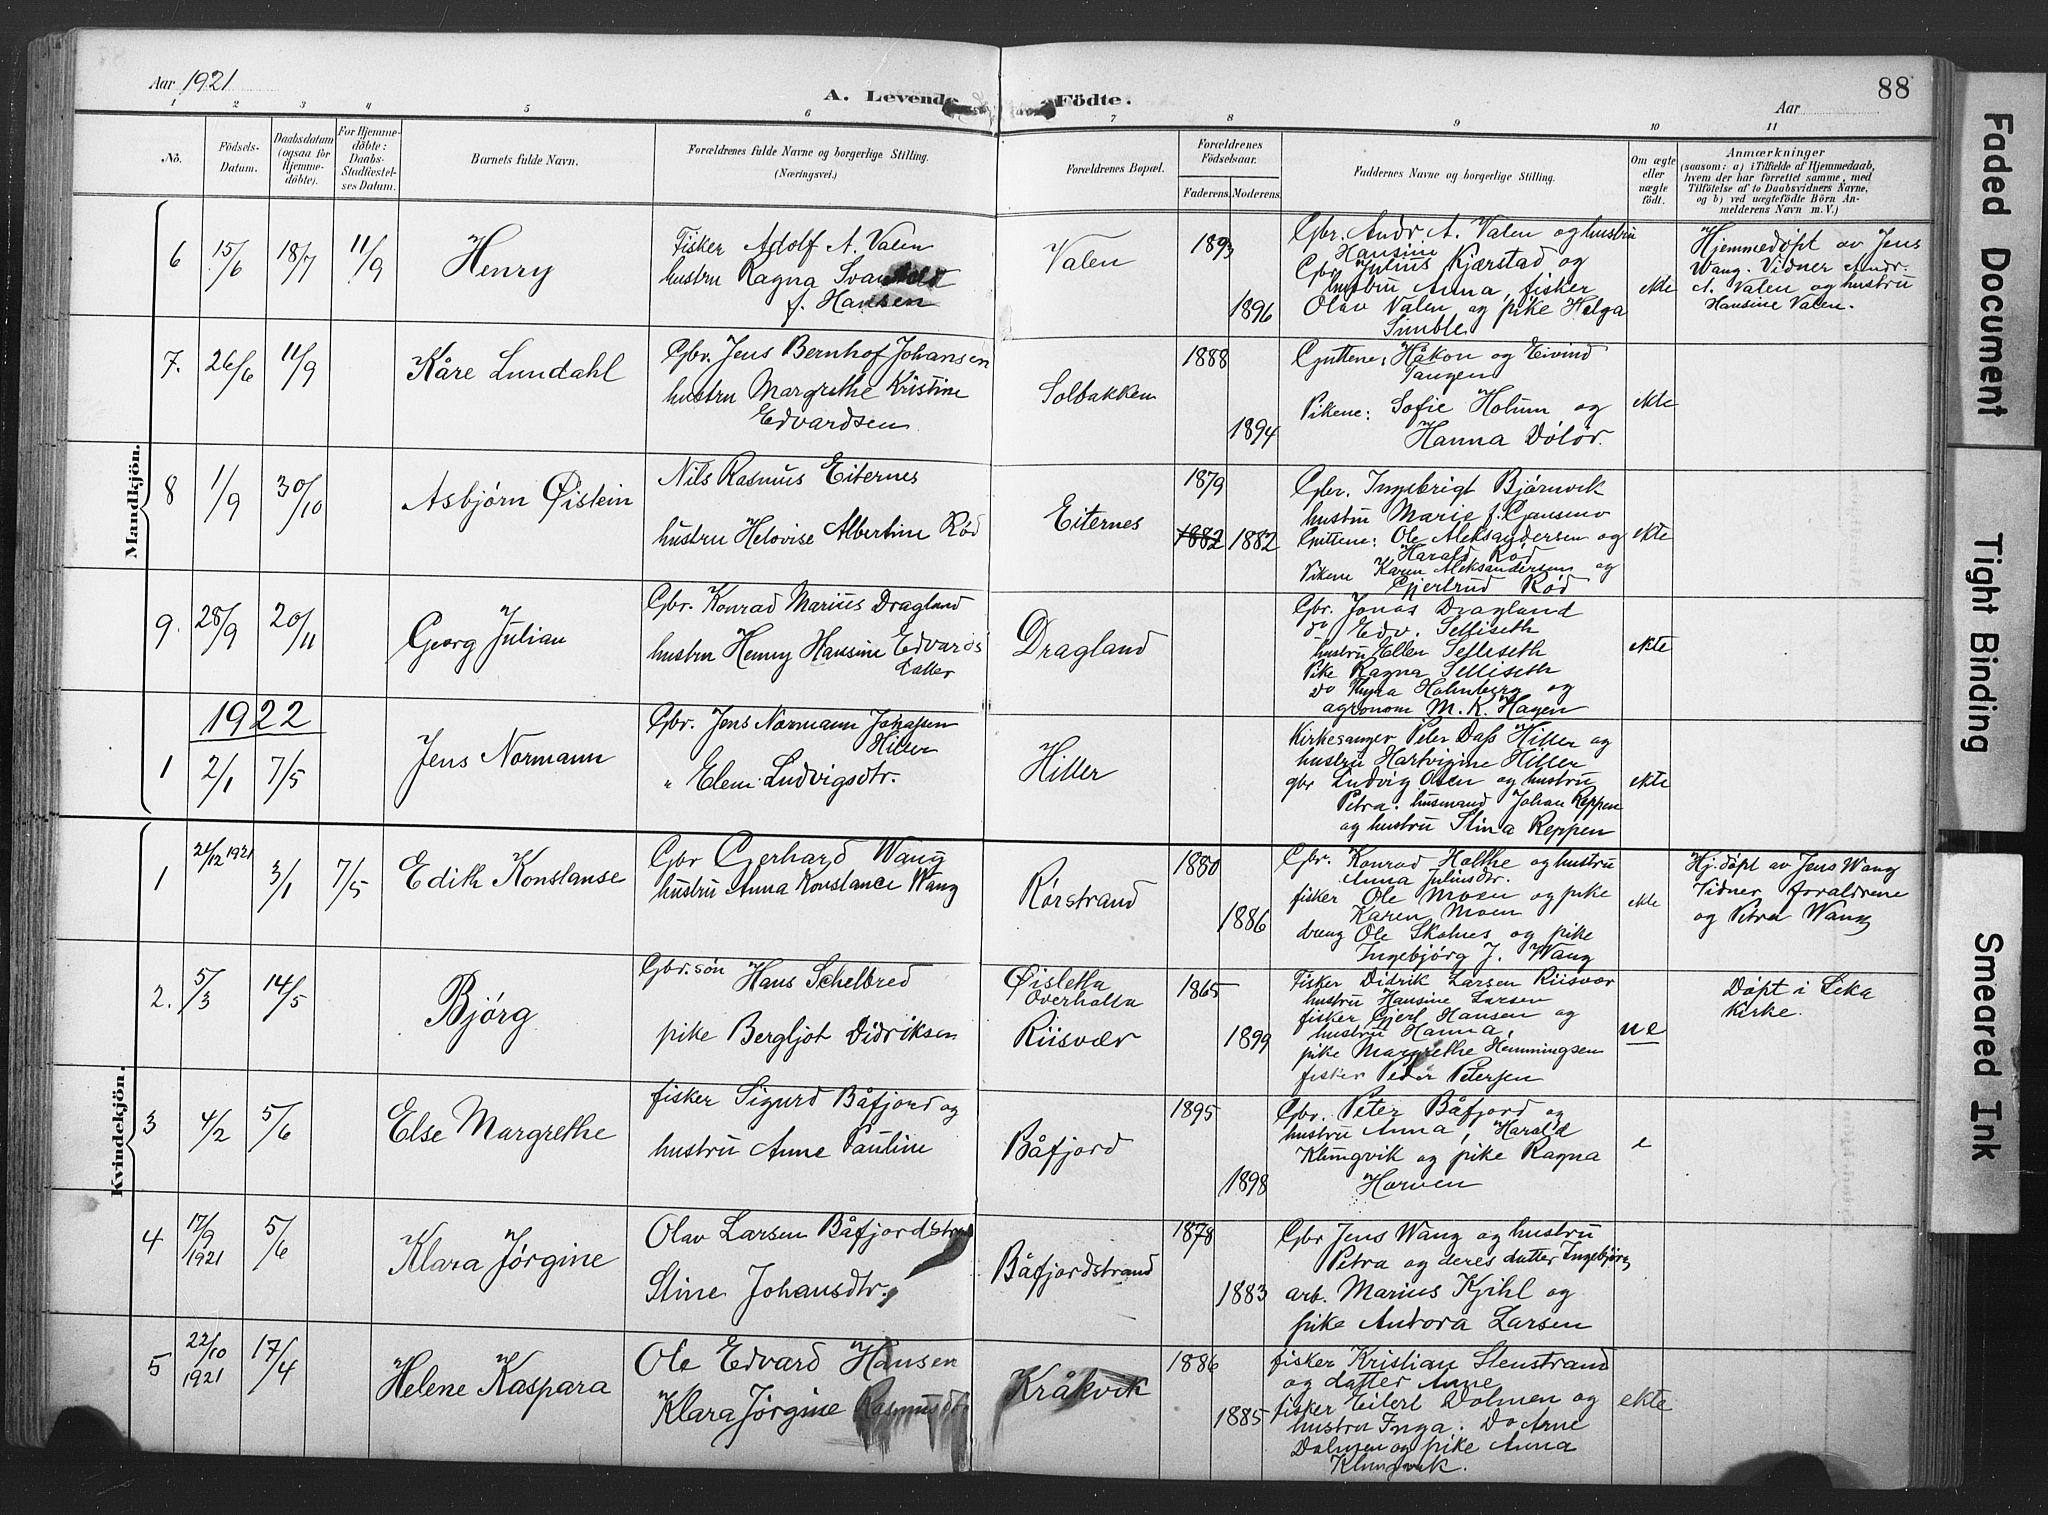 SAT, Ministerialprotokoller, klokkerbøker og fødselsregistre - Nord-Trøndelag, 789/L0706: Klokkerbok nr. 789C01, 1888-1931, s. 88